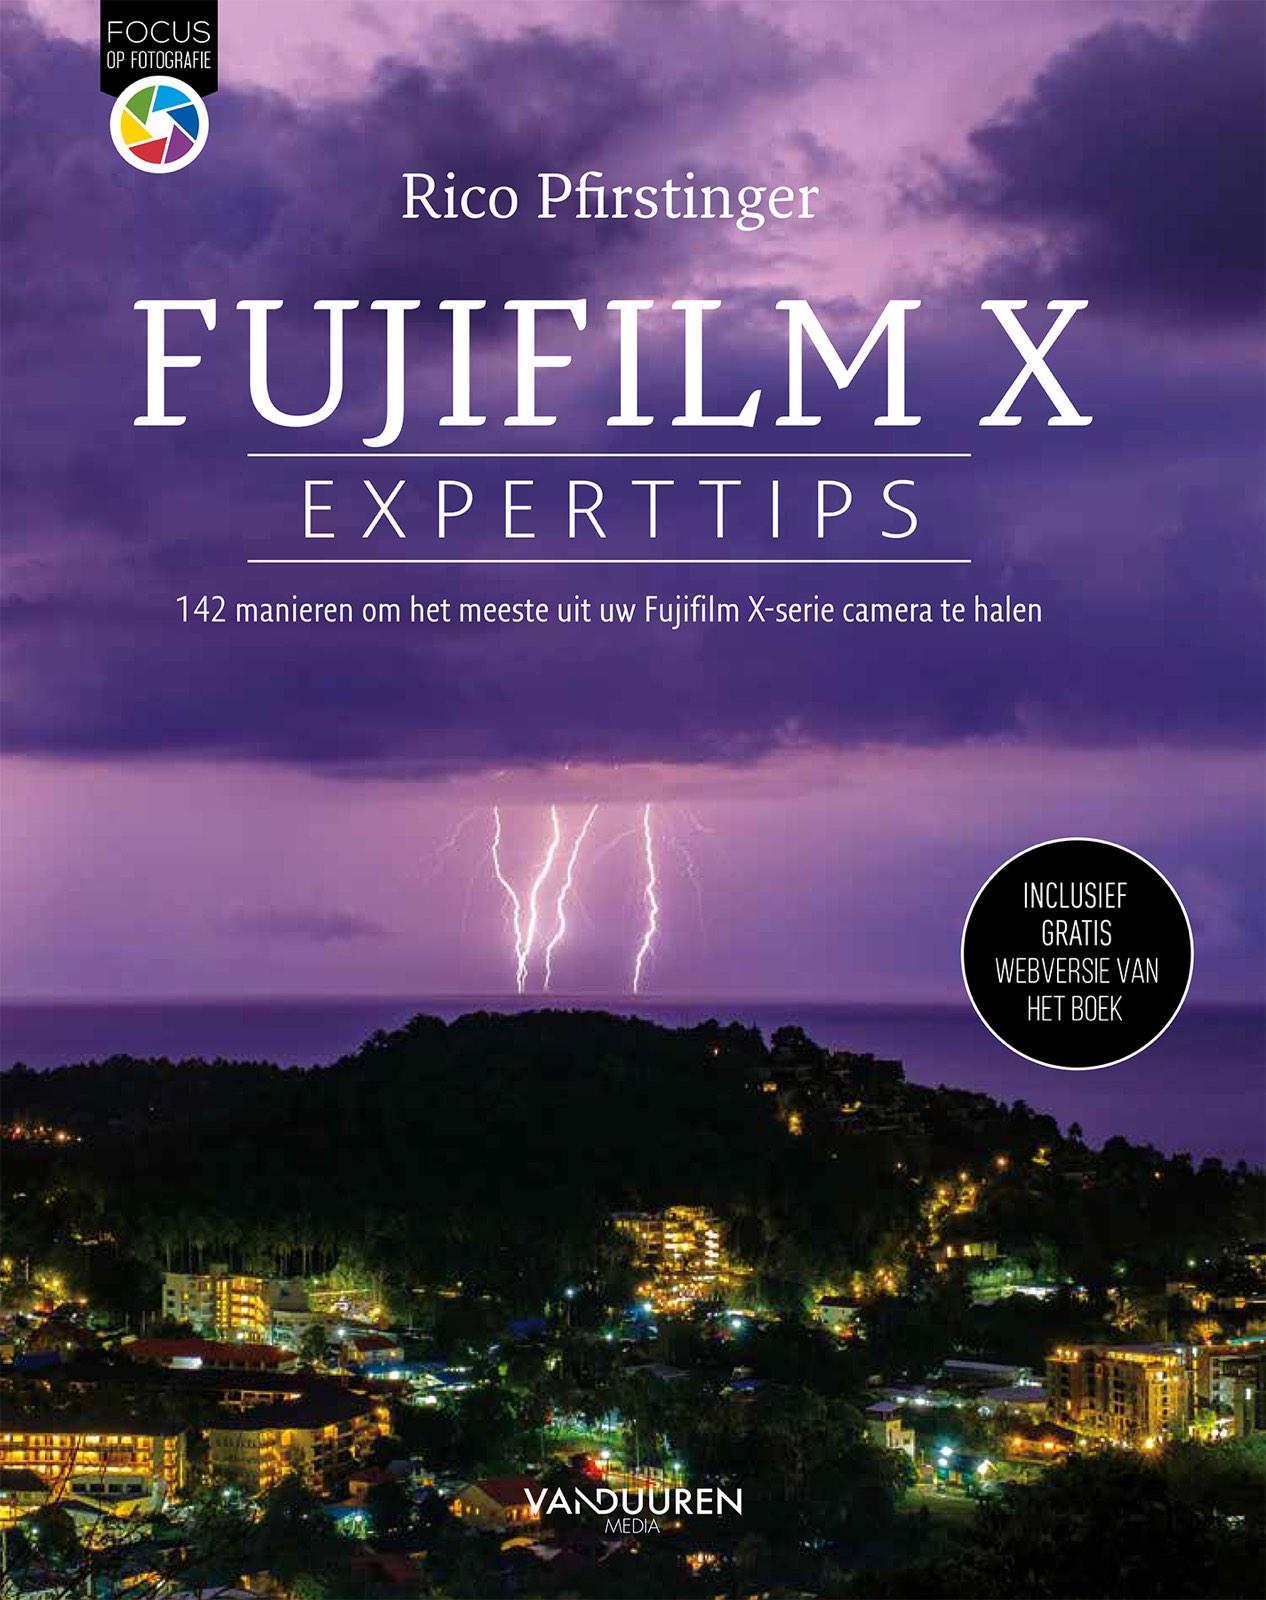 Fujifilm X Experttips, 142 manieren om het meeste uit uw Fujifilm X-serie camera te halen - Rico Pfirstinger, isbn 9789463561112